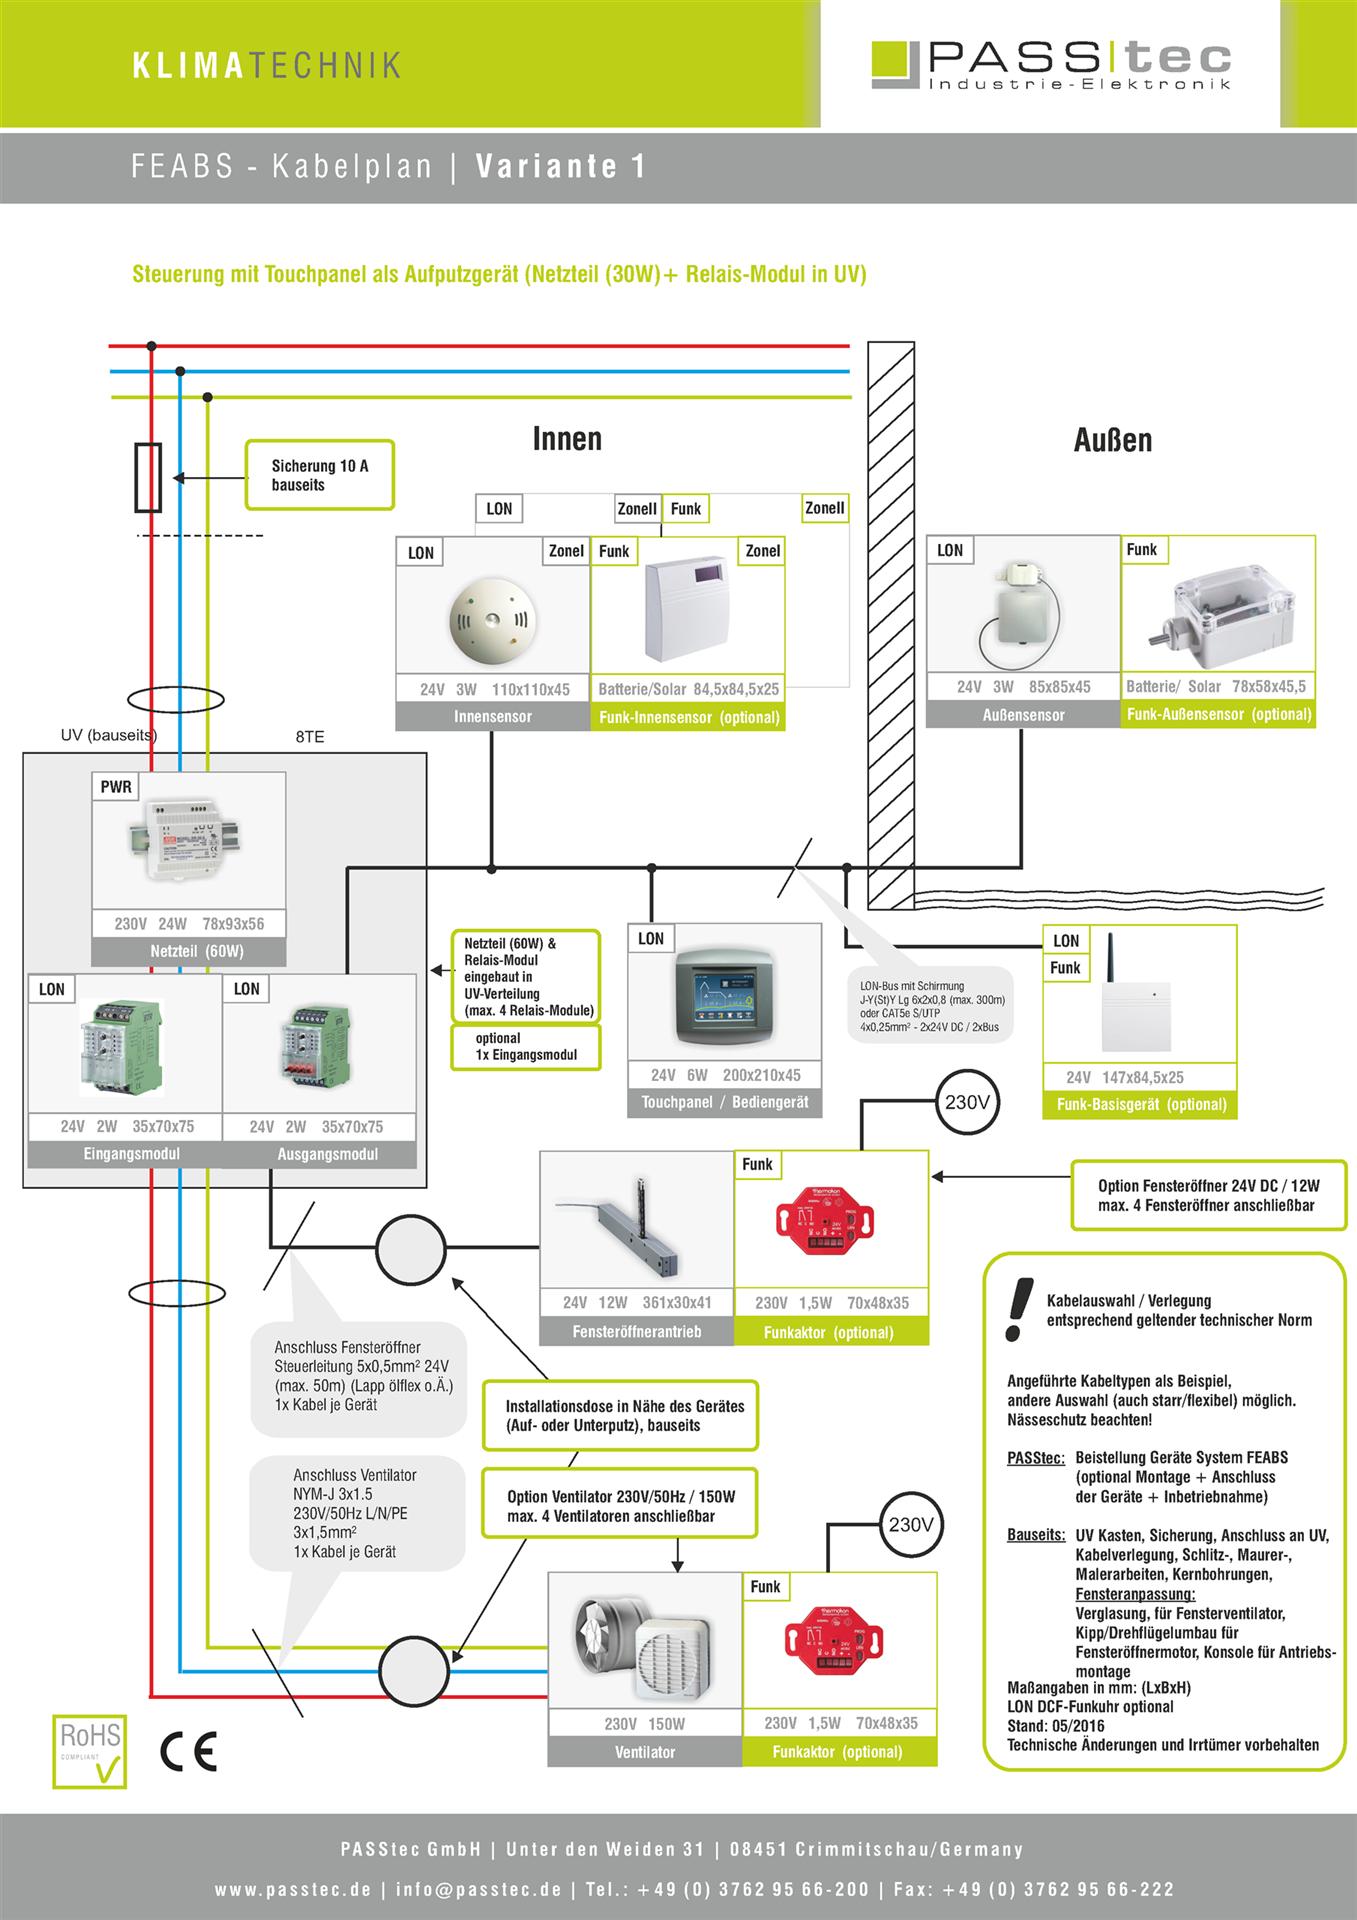 Fantastisch Software Für Elektrische Kabelpläne Fotos - Die Besten ...